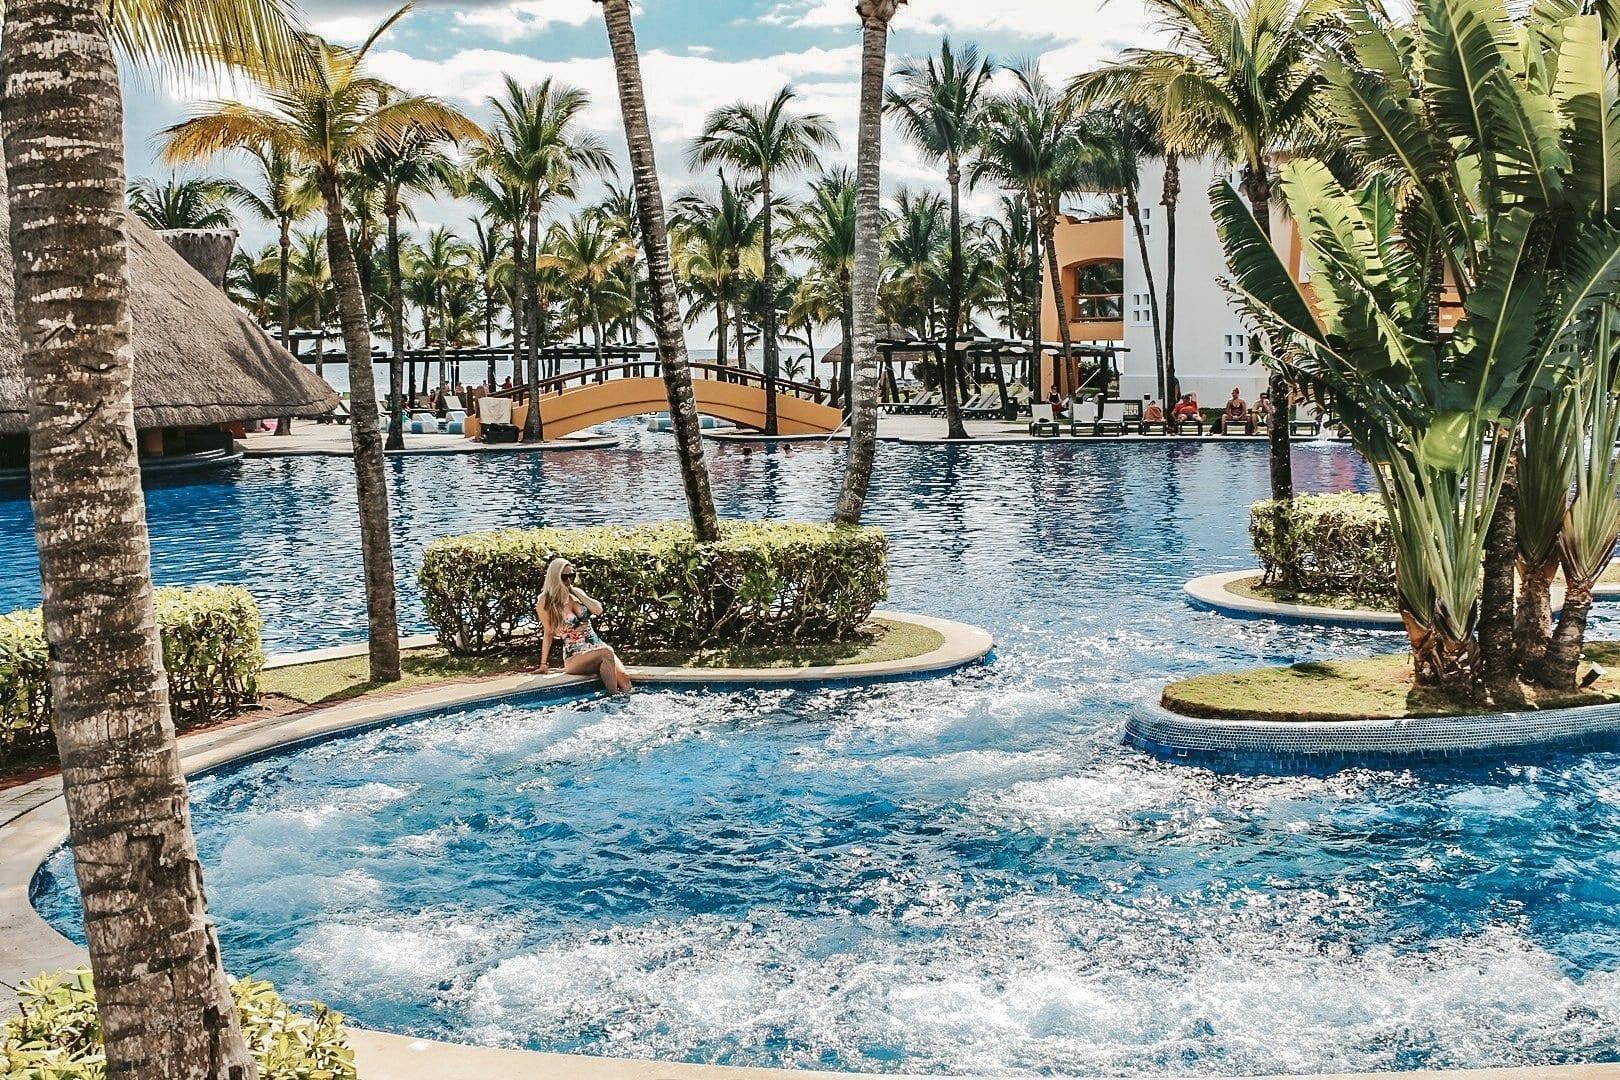 Pool at Barcelo Maya Palace